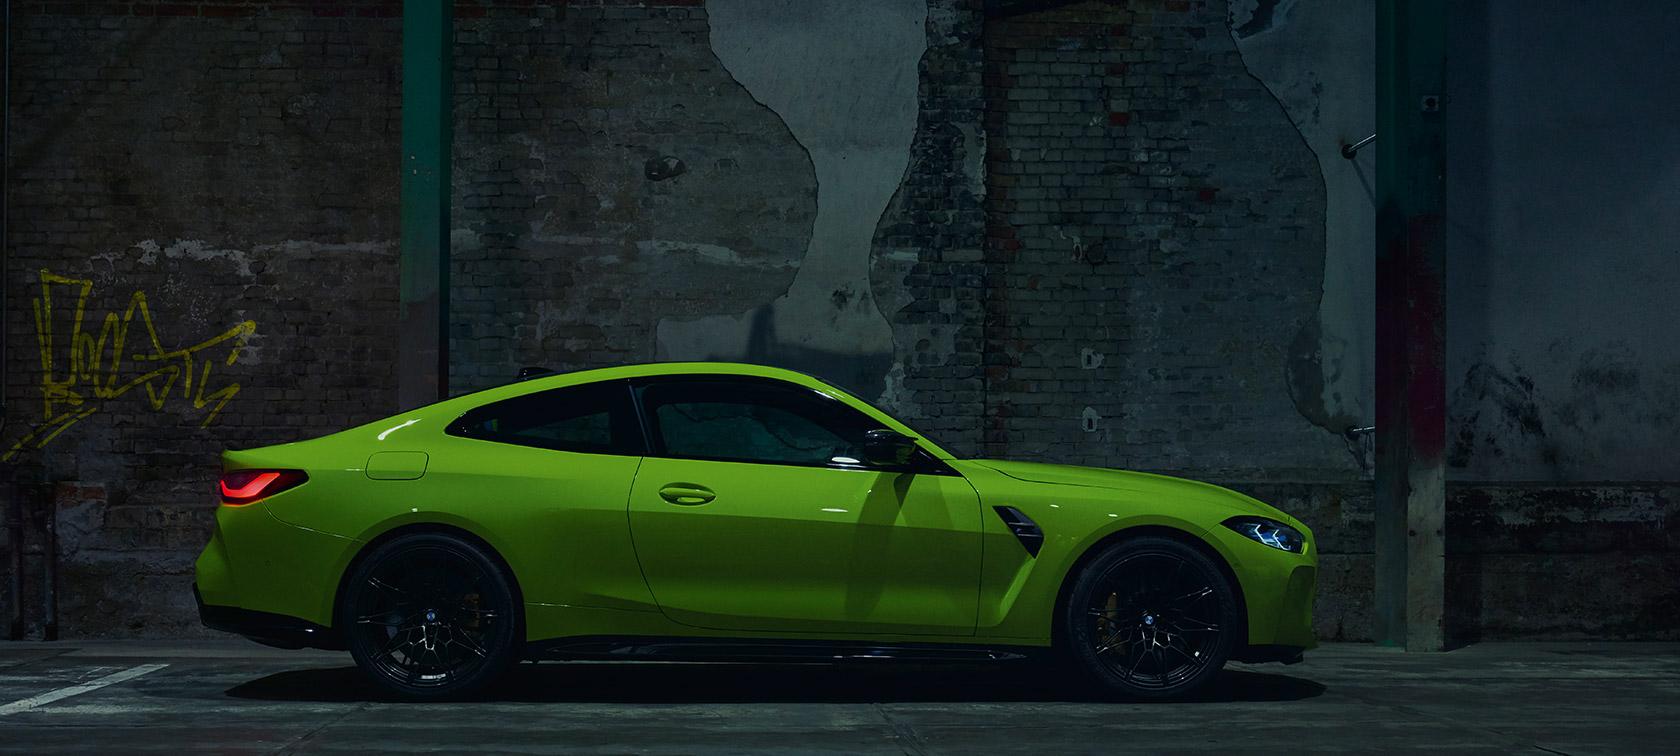 THE M4. BMW serije 4 Coupé M Automobili: Motori & Tehnički podaci | BMW.hr